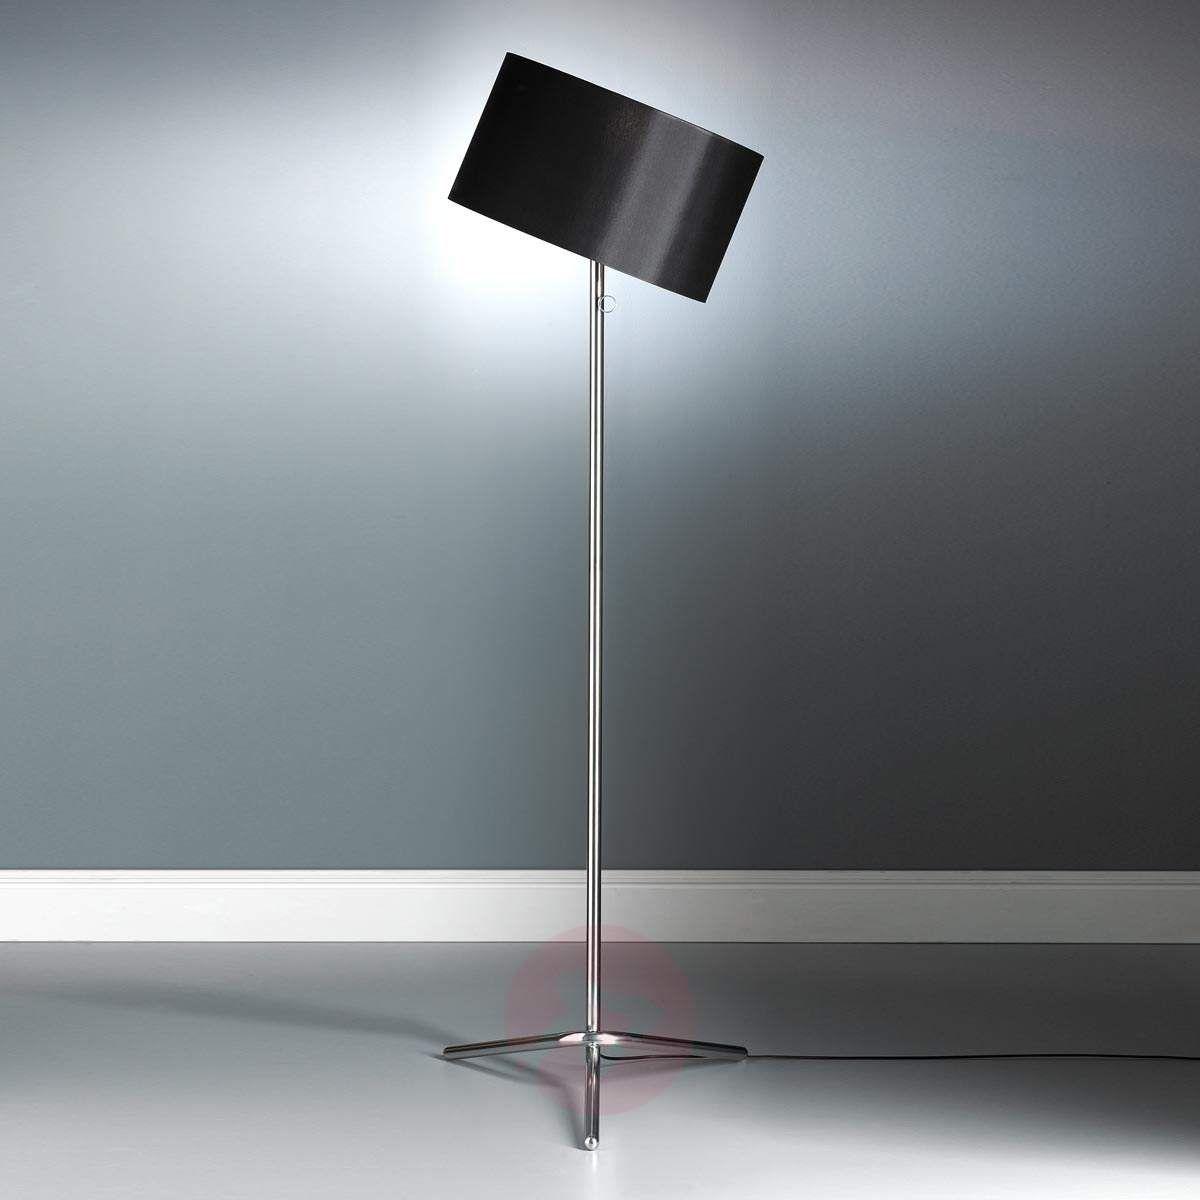 Designerska Lampa Stojąca Baton W 2019 Lampy Stojące